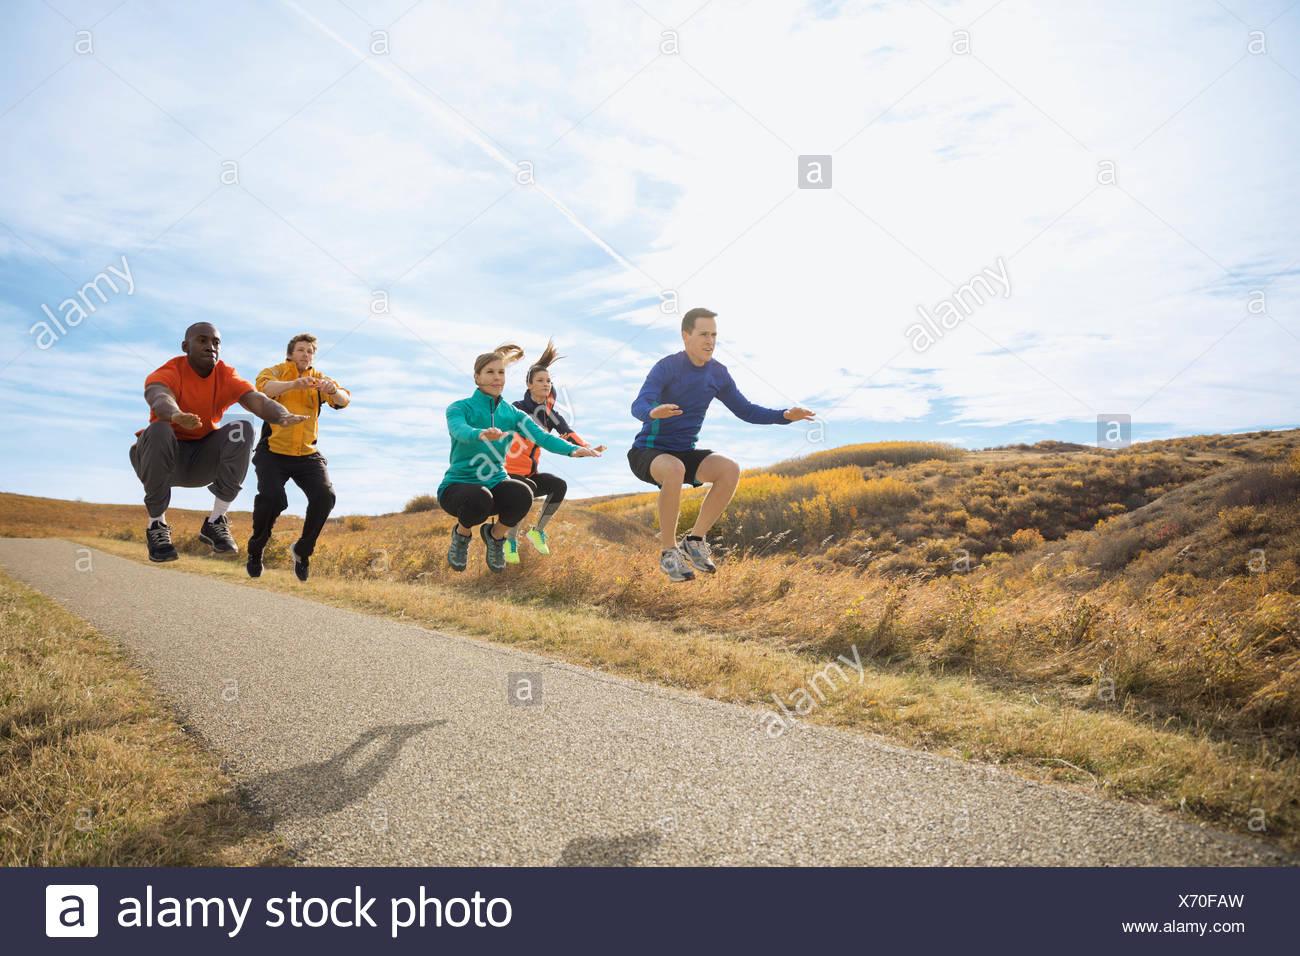 Groupe de remise en forme de sauter sur chemin rural Photo Stock